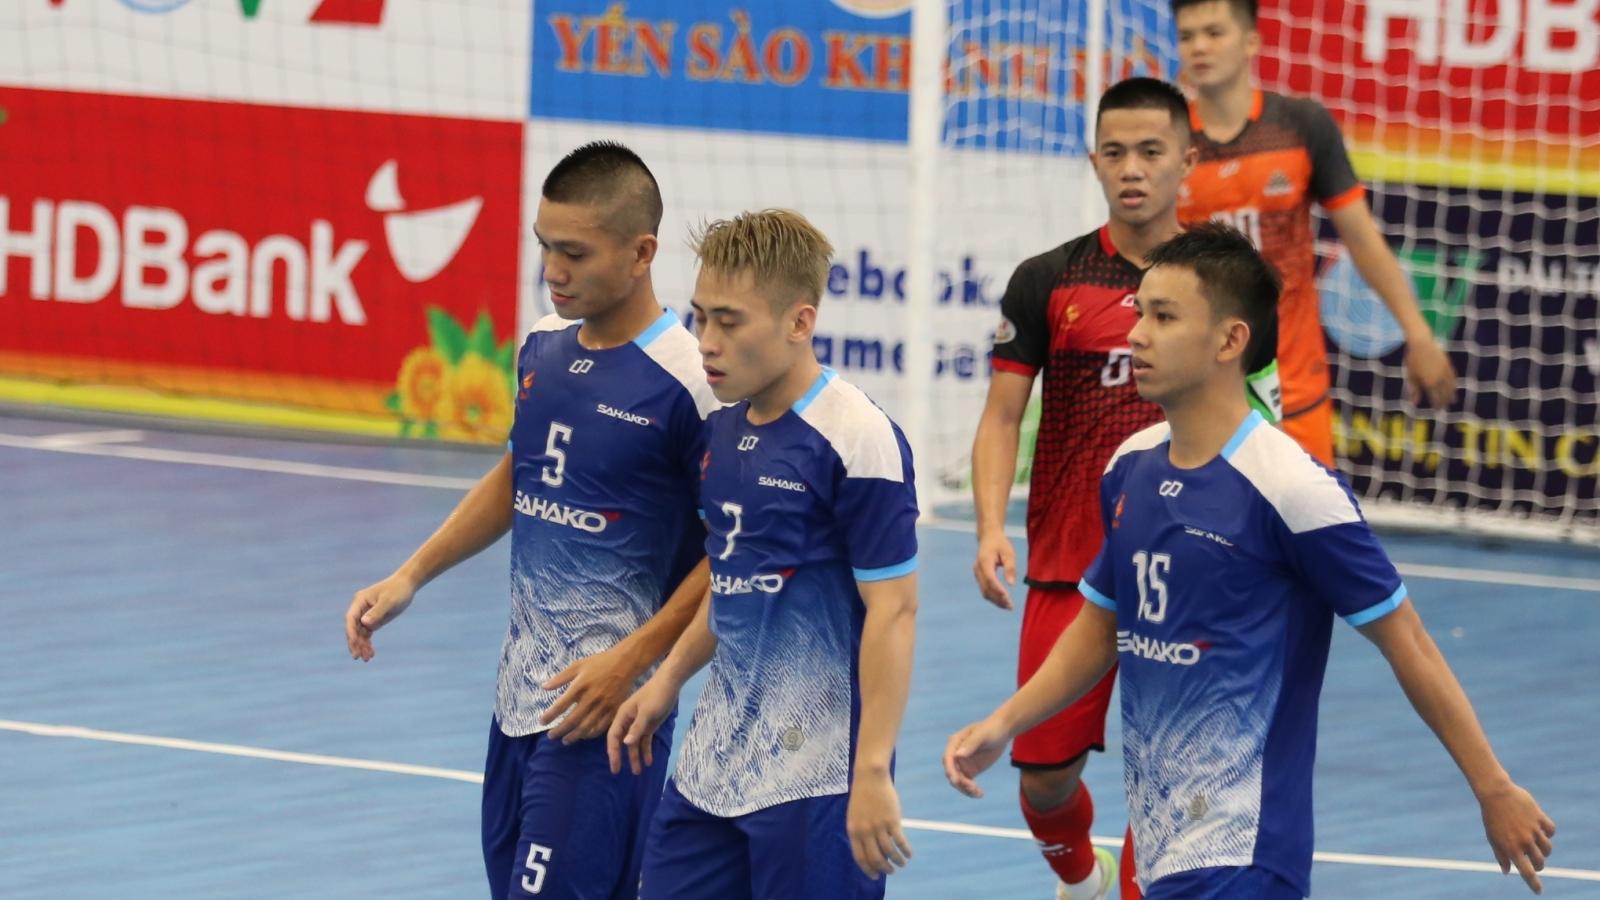 Giải futsal HDBank VĐQG 2020: Sahako thắng dễ Cao Bằng